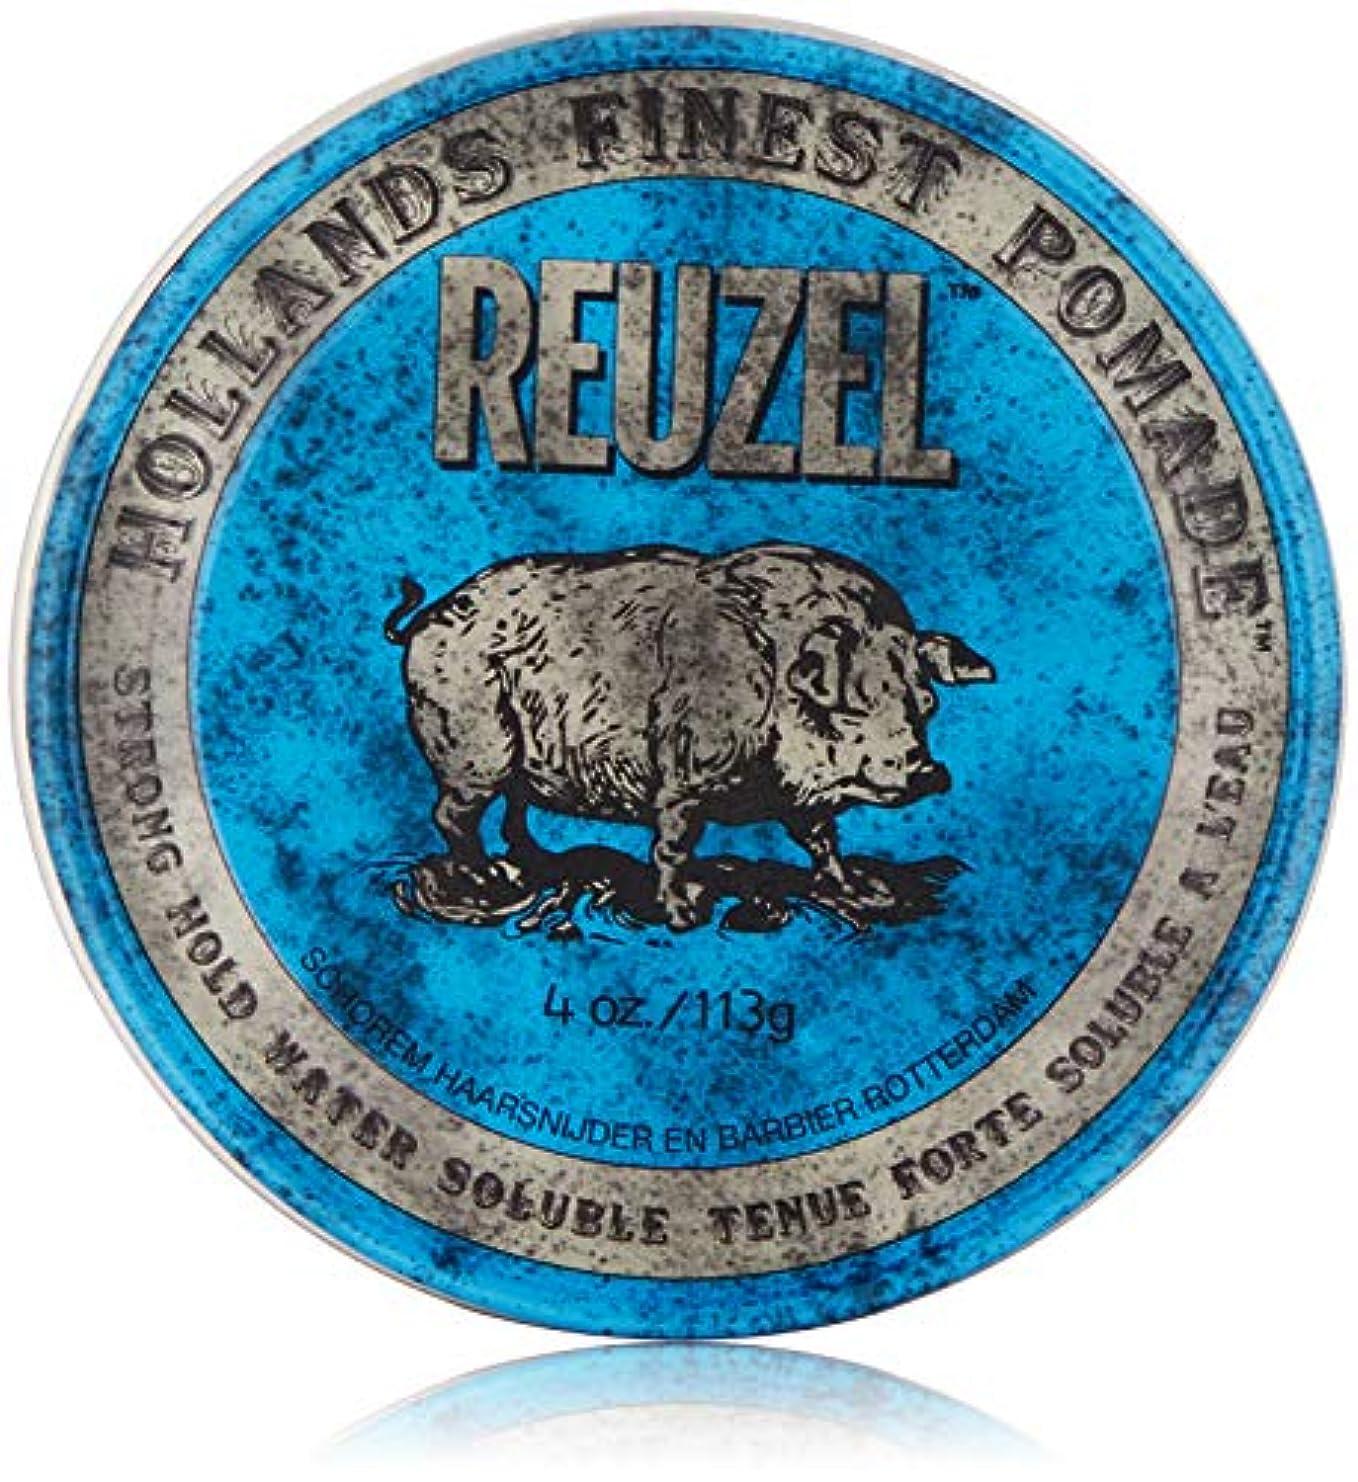 懐申込みジュニアReuzel Blue Strong Hold High Sheen Pomade by Reuzel